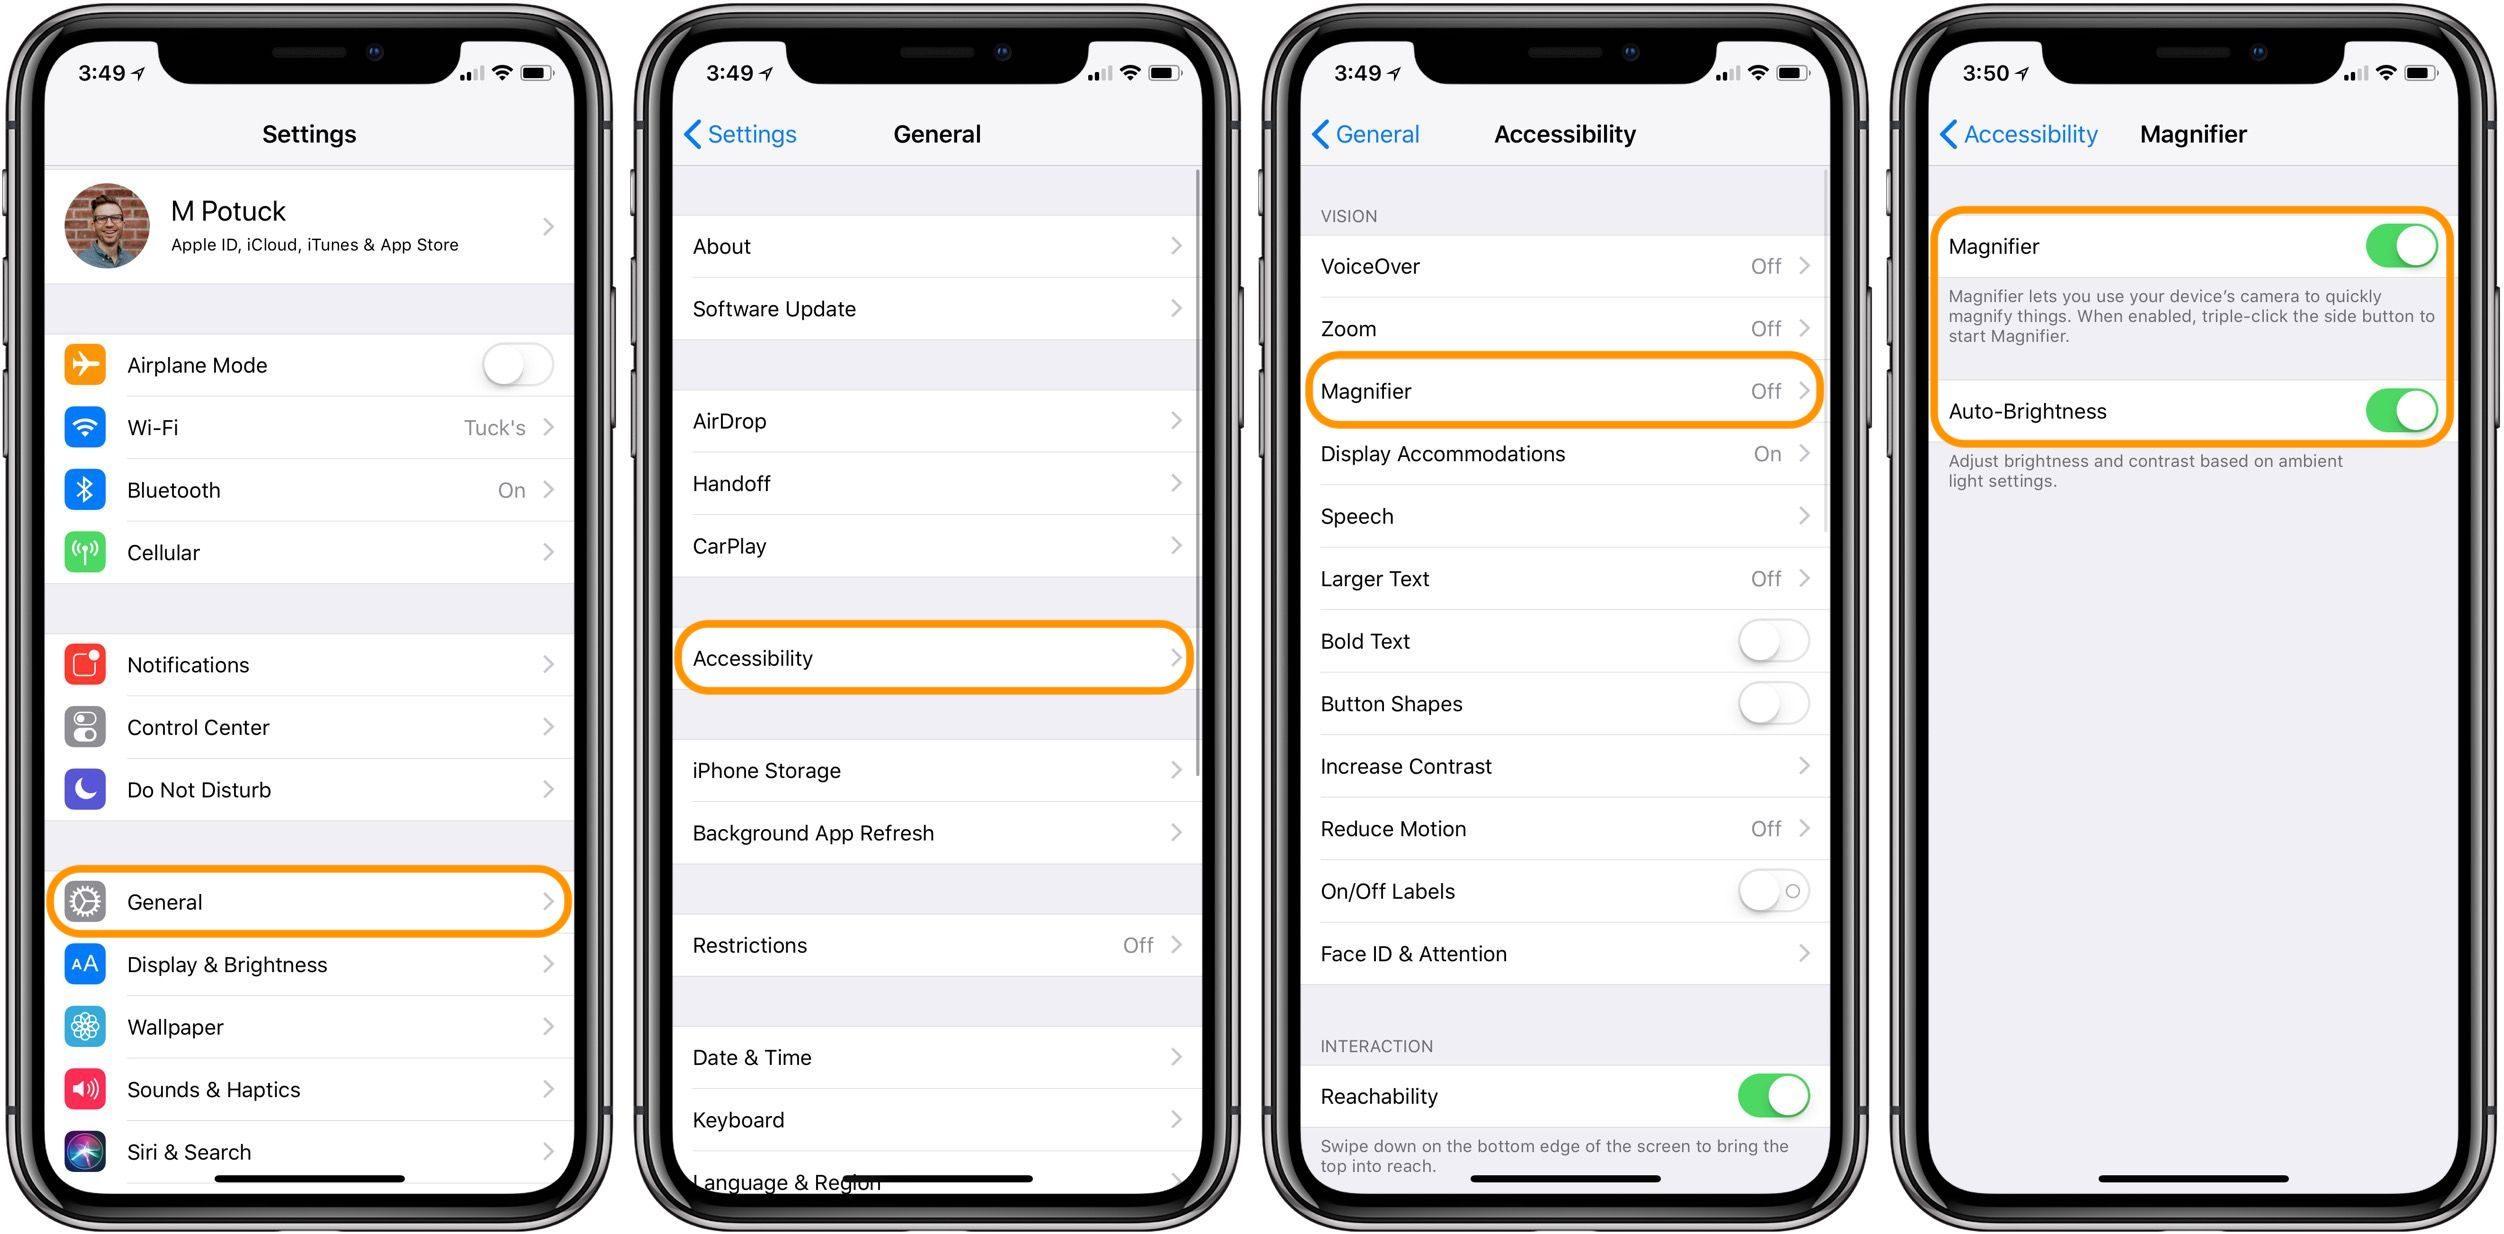 """<span href=""""https://9to5mac.com/2018/03/07/how-to-use-iphone-as-magnifying-glass/"""">¿Cómo utilizar el iPhone y el iPad como una lupa</a>"""